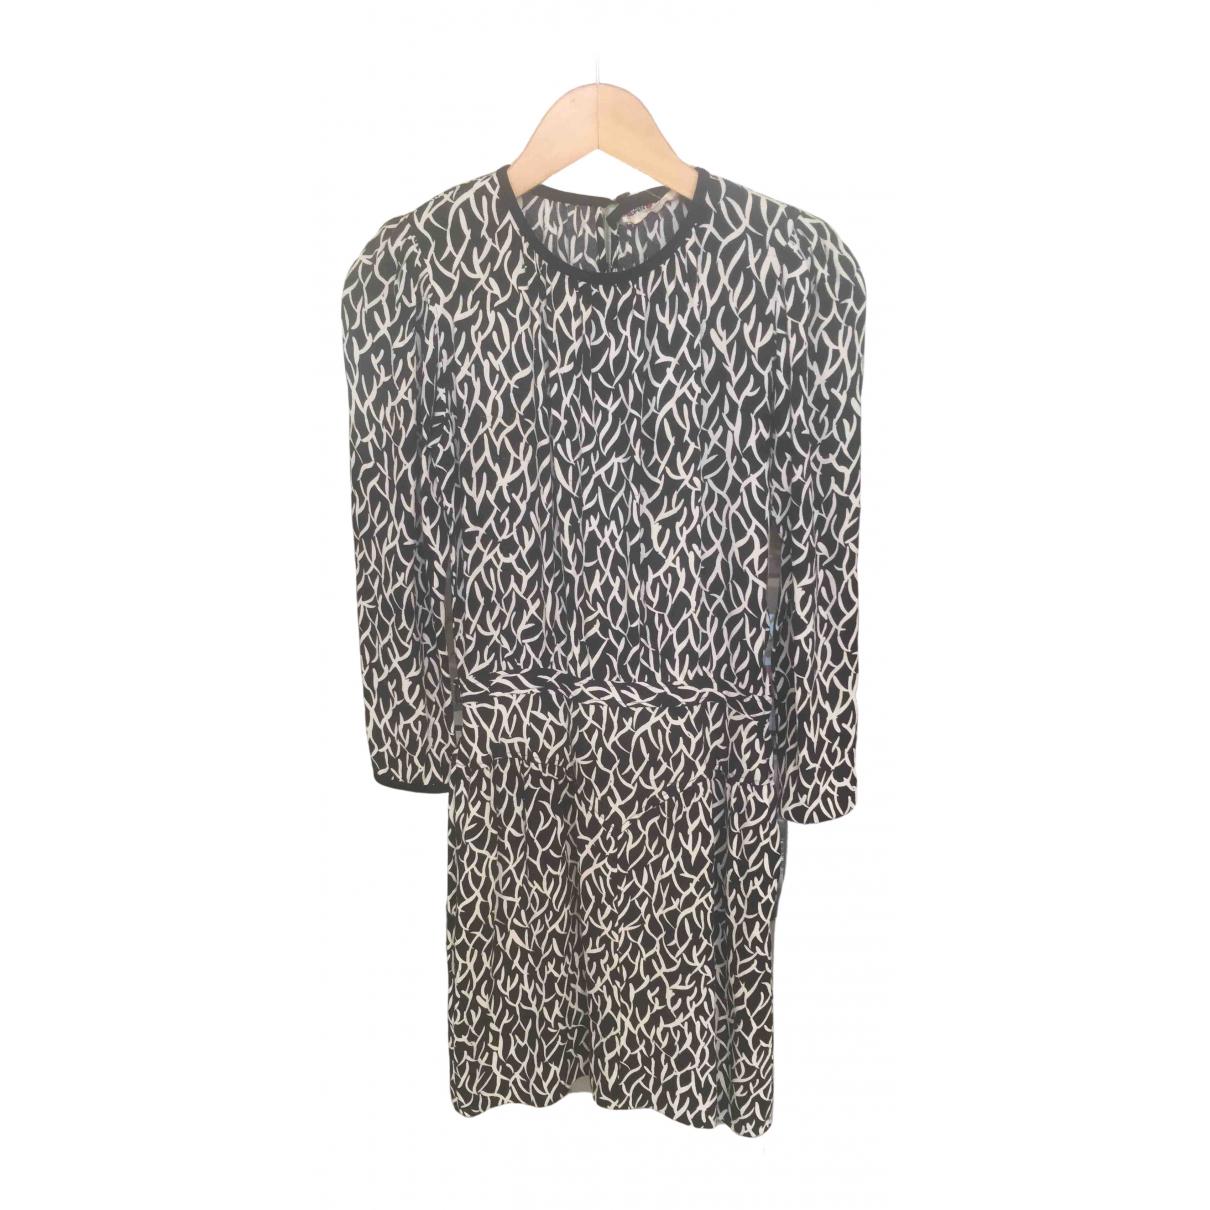 Yves Saint Laurent N Multicolour dress for Women 38 FR